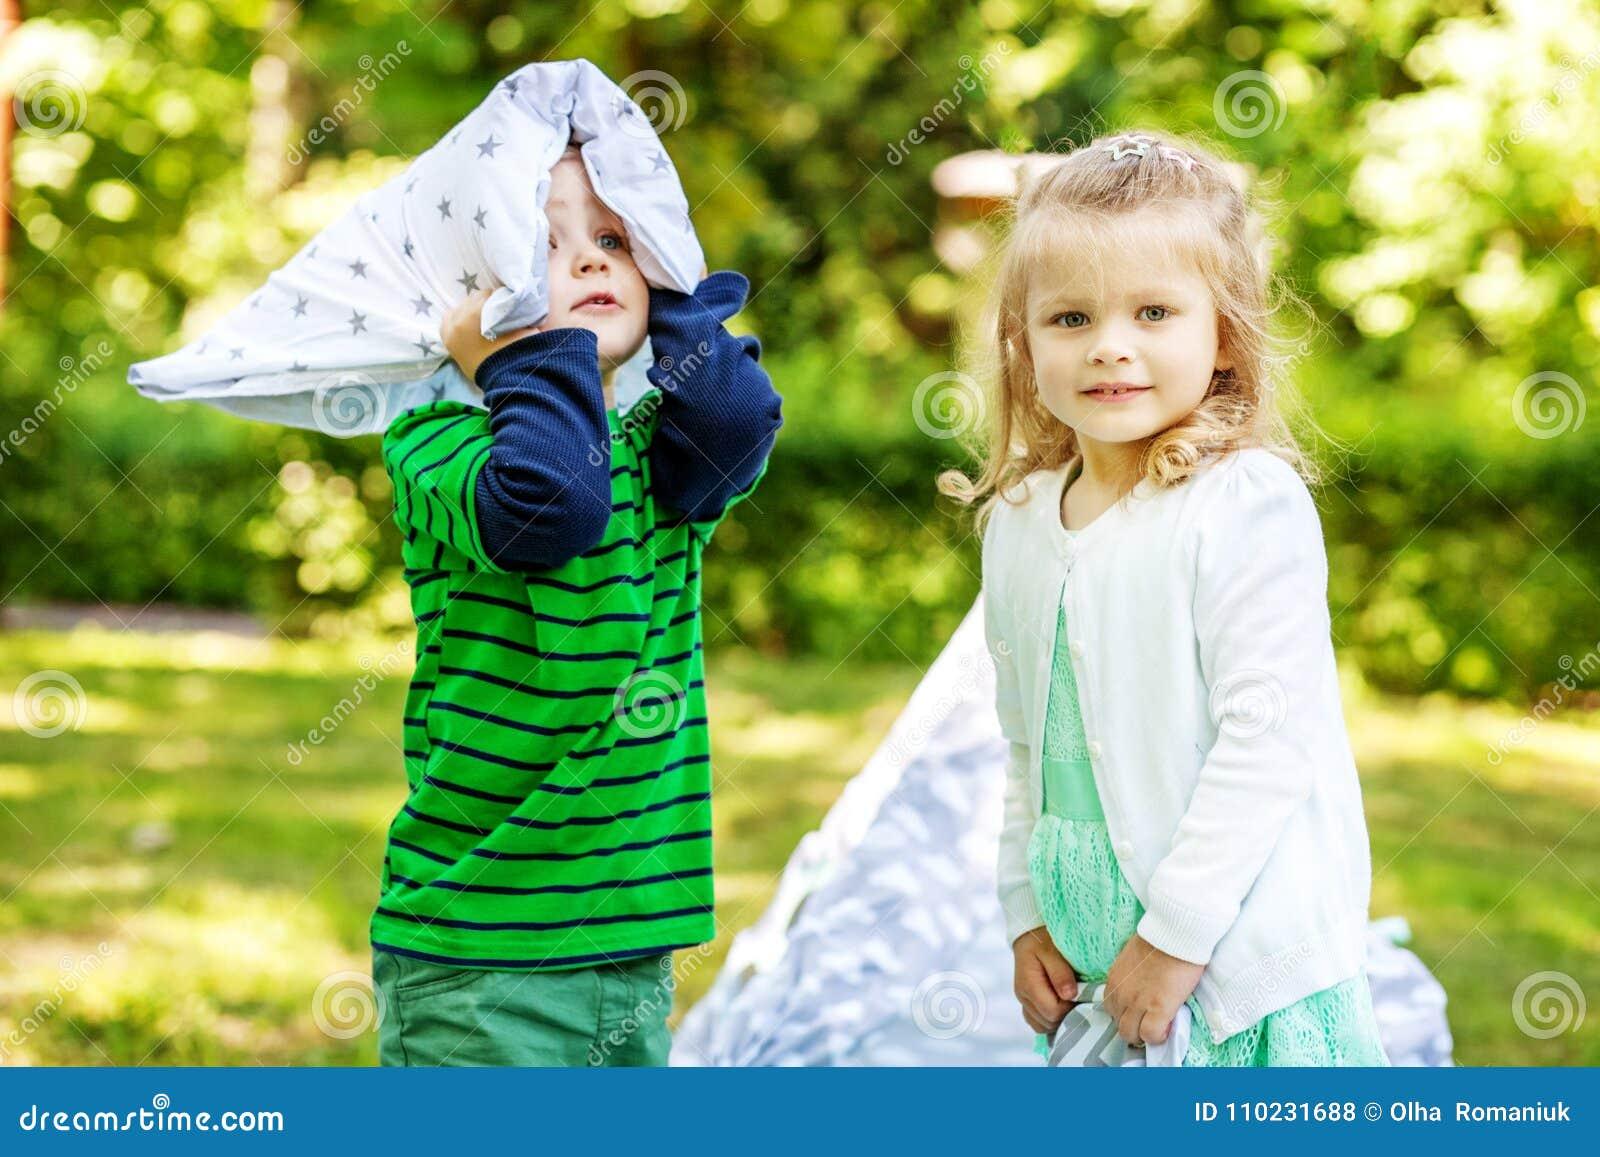 Juego De Ninos Preescolar En El Parque 2 3 Anos Muchacha Y Muchacho